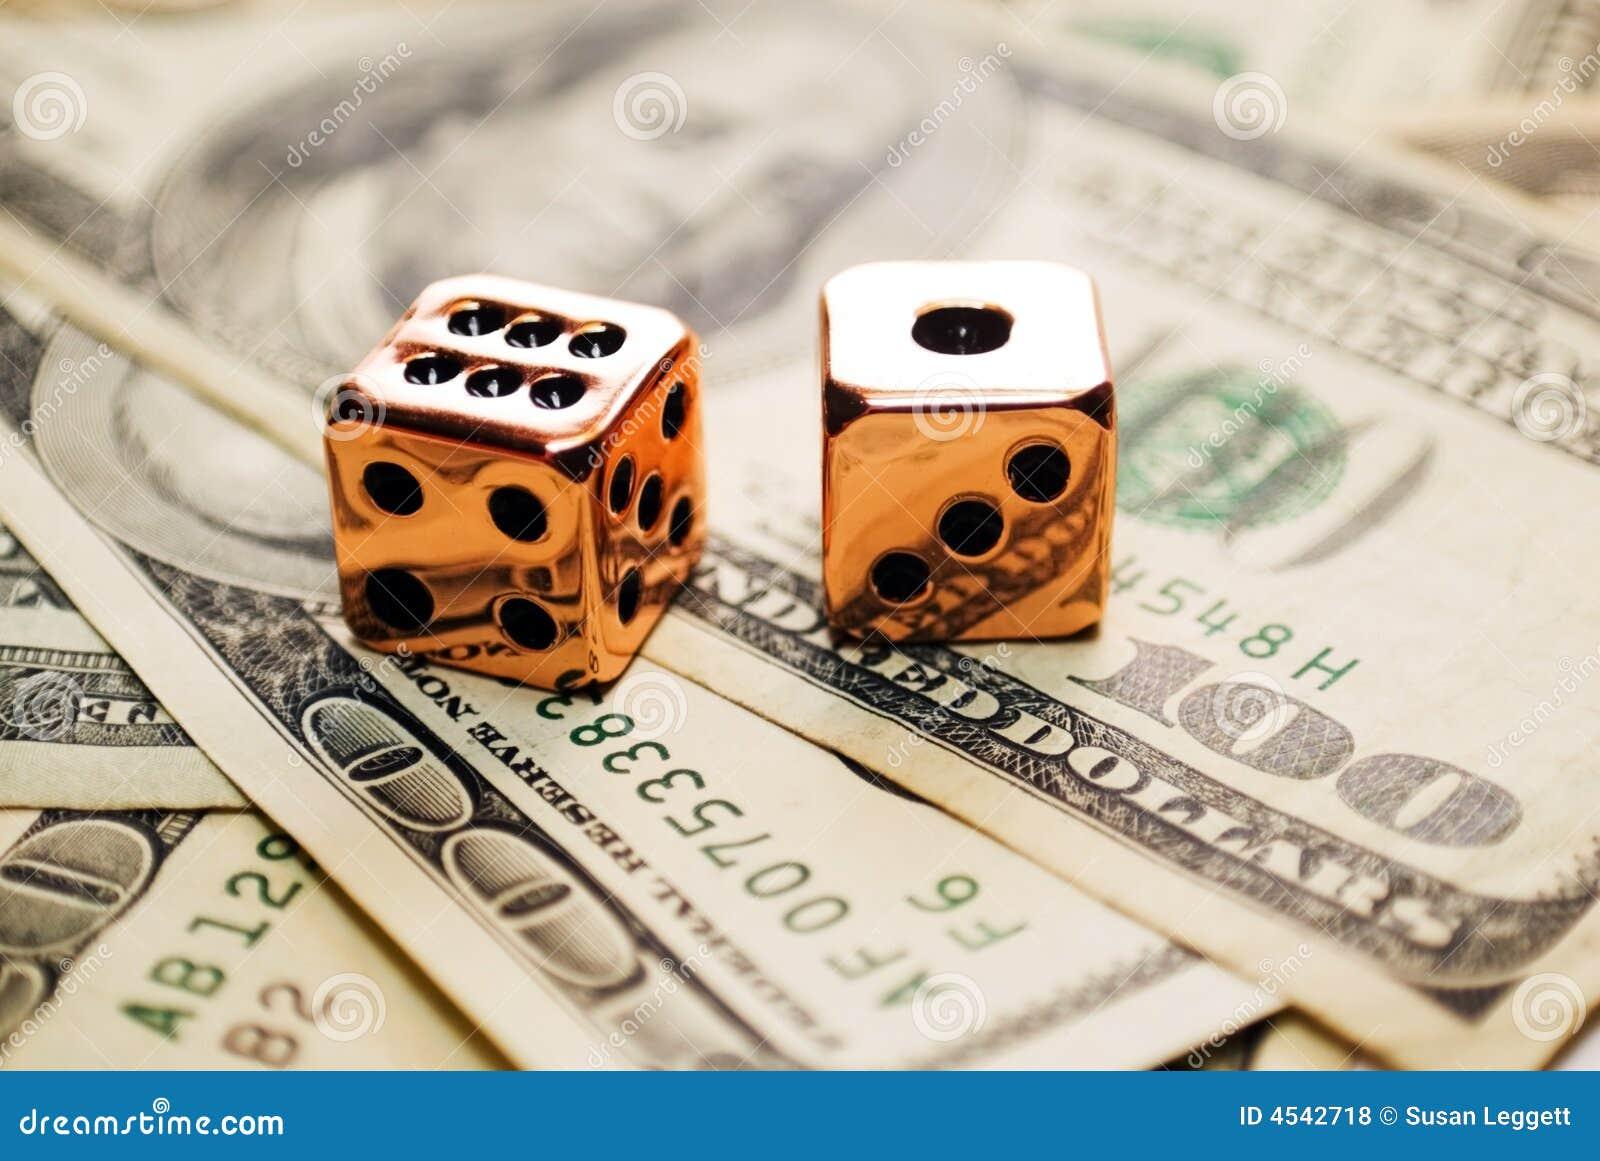 Pares de dados de cobre en el dinero